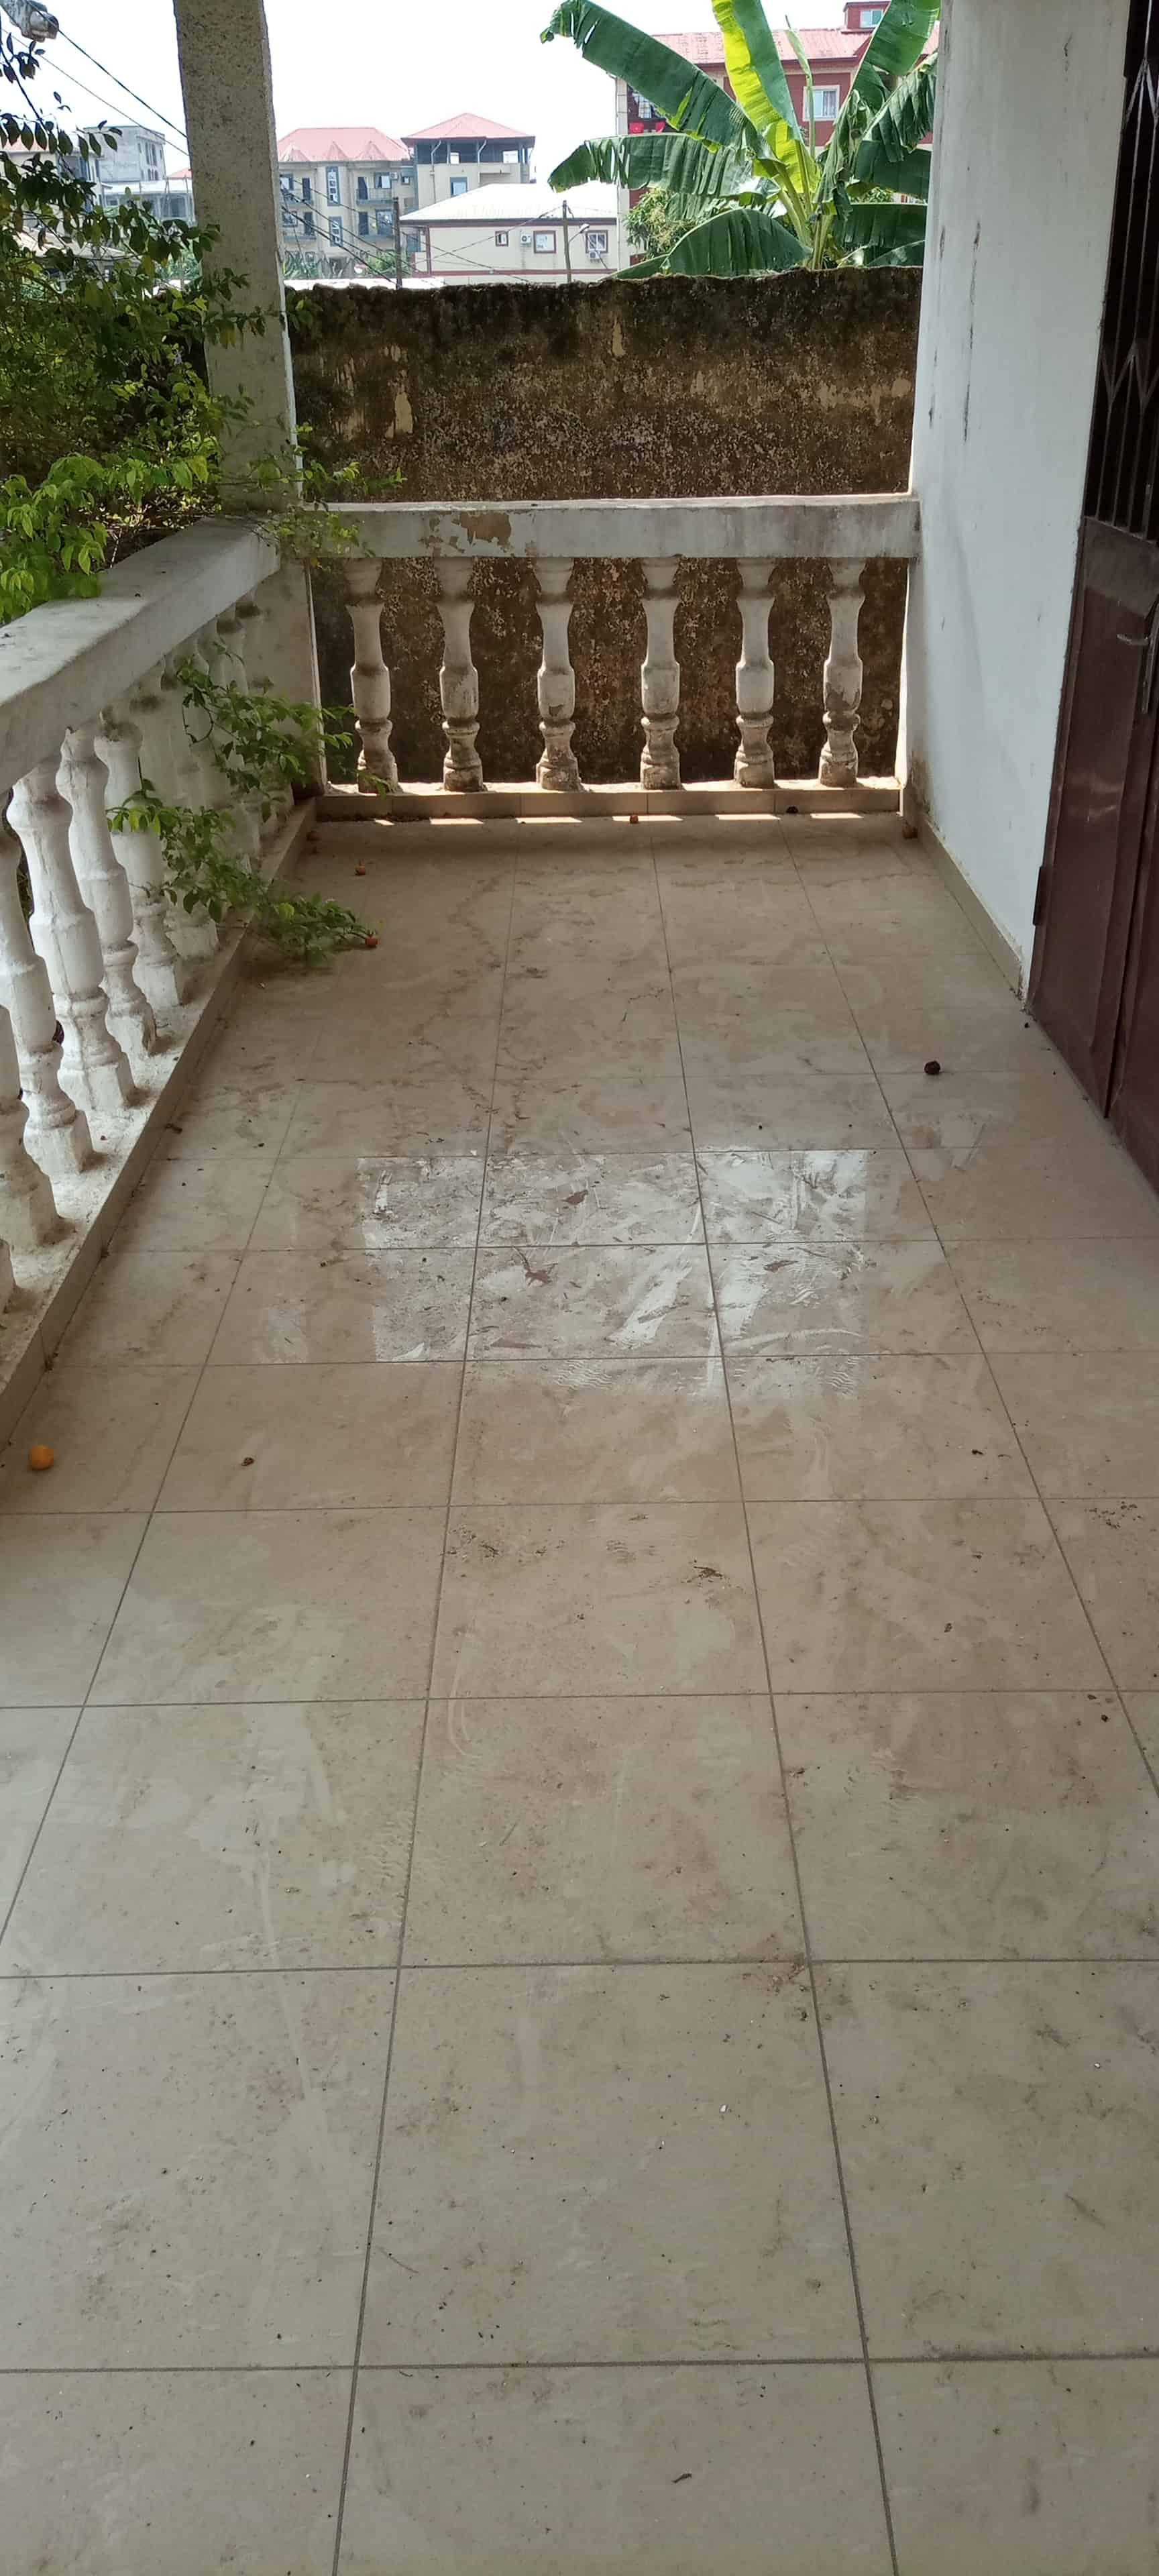 Maison (Villa) à louer - Douala, Makepe, Ver carrefour Patrick mboma - 1 salon(s), 3 chambre(s), 2 salle(s) de bains - 200 000 FCFA / mois